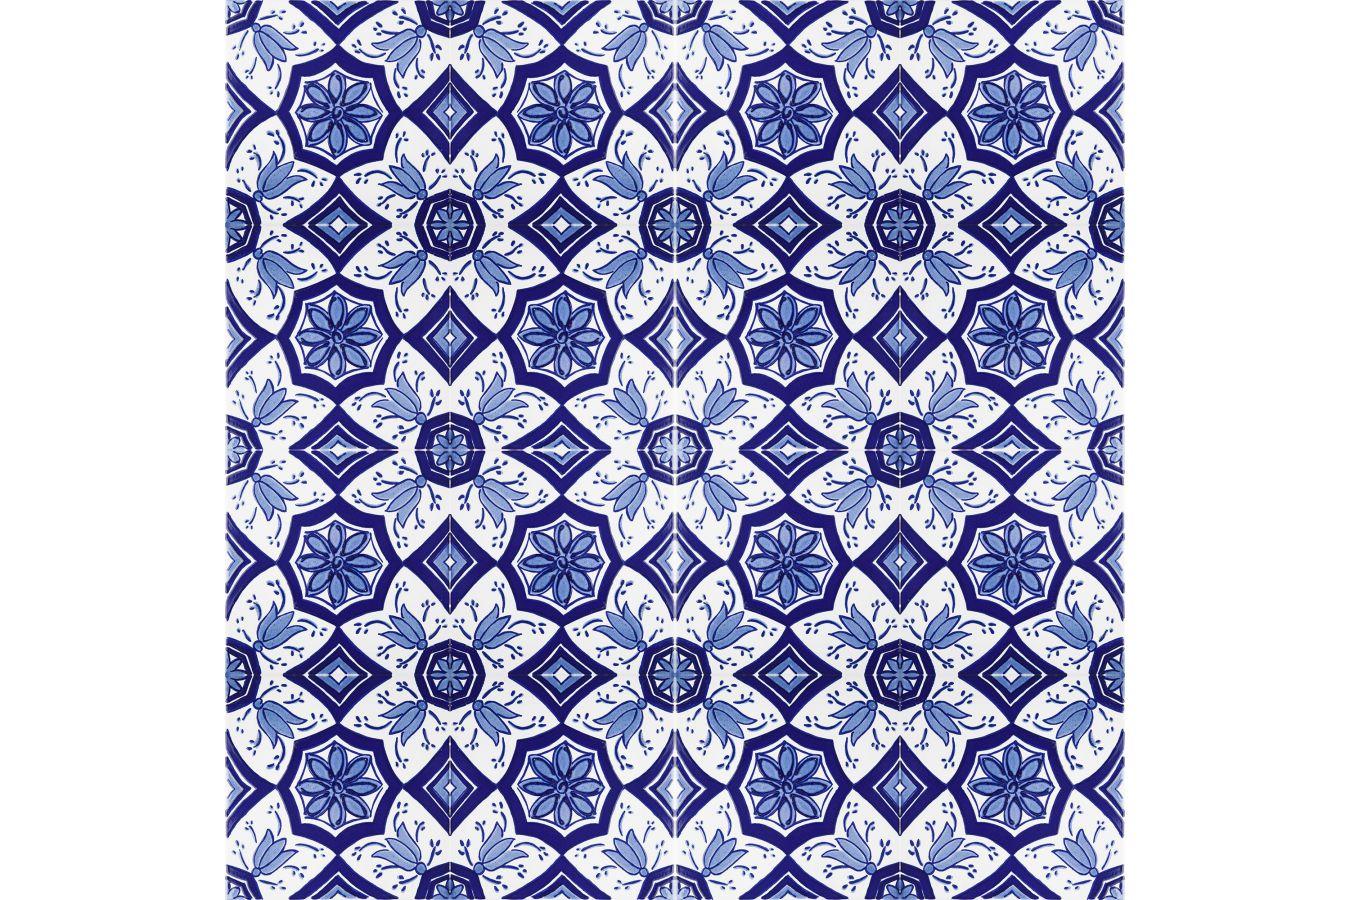 unter der Treppe 12 orientalische tunesische Dekorfliesen Farbige dekorative Fliesen. 20 x 20 cm f/ür das Badezimmer tunesische Keramikfliesen die K/üche Cerames- Baha 0,48 m2